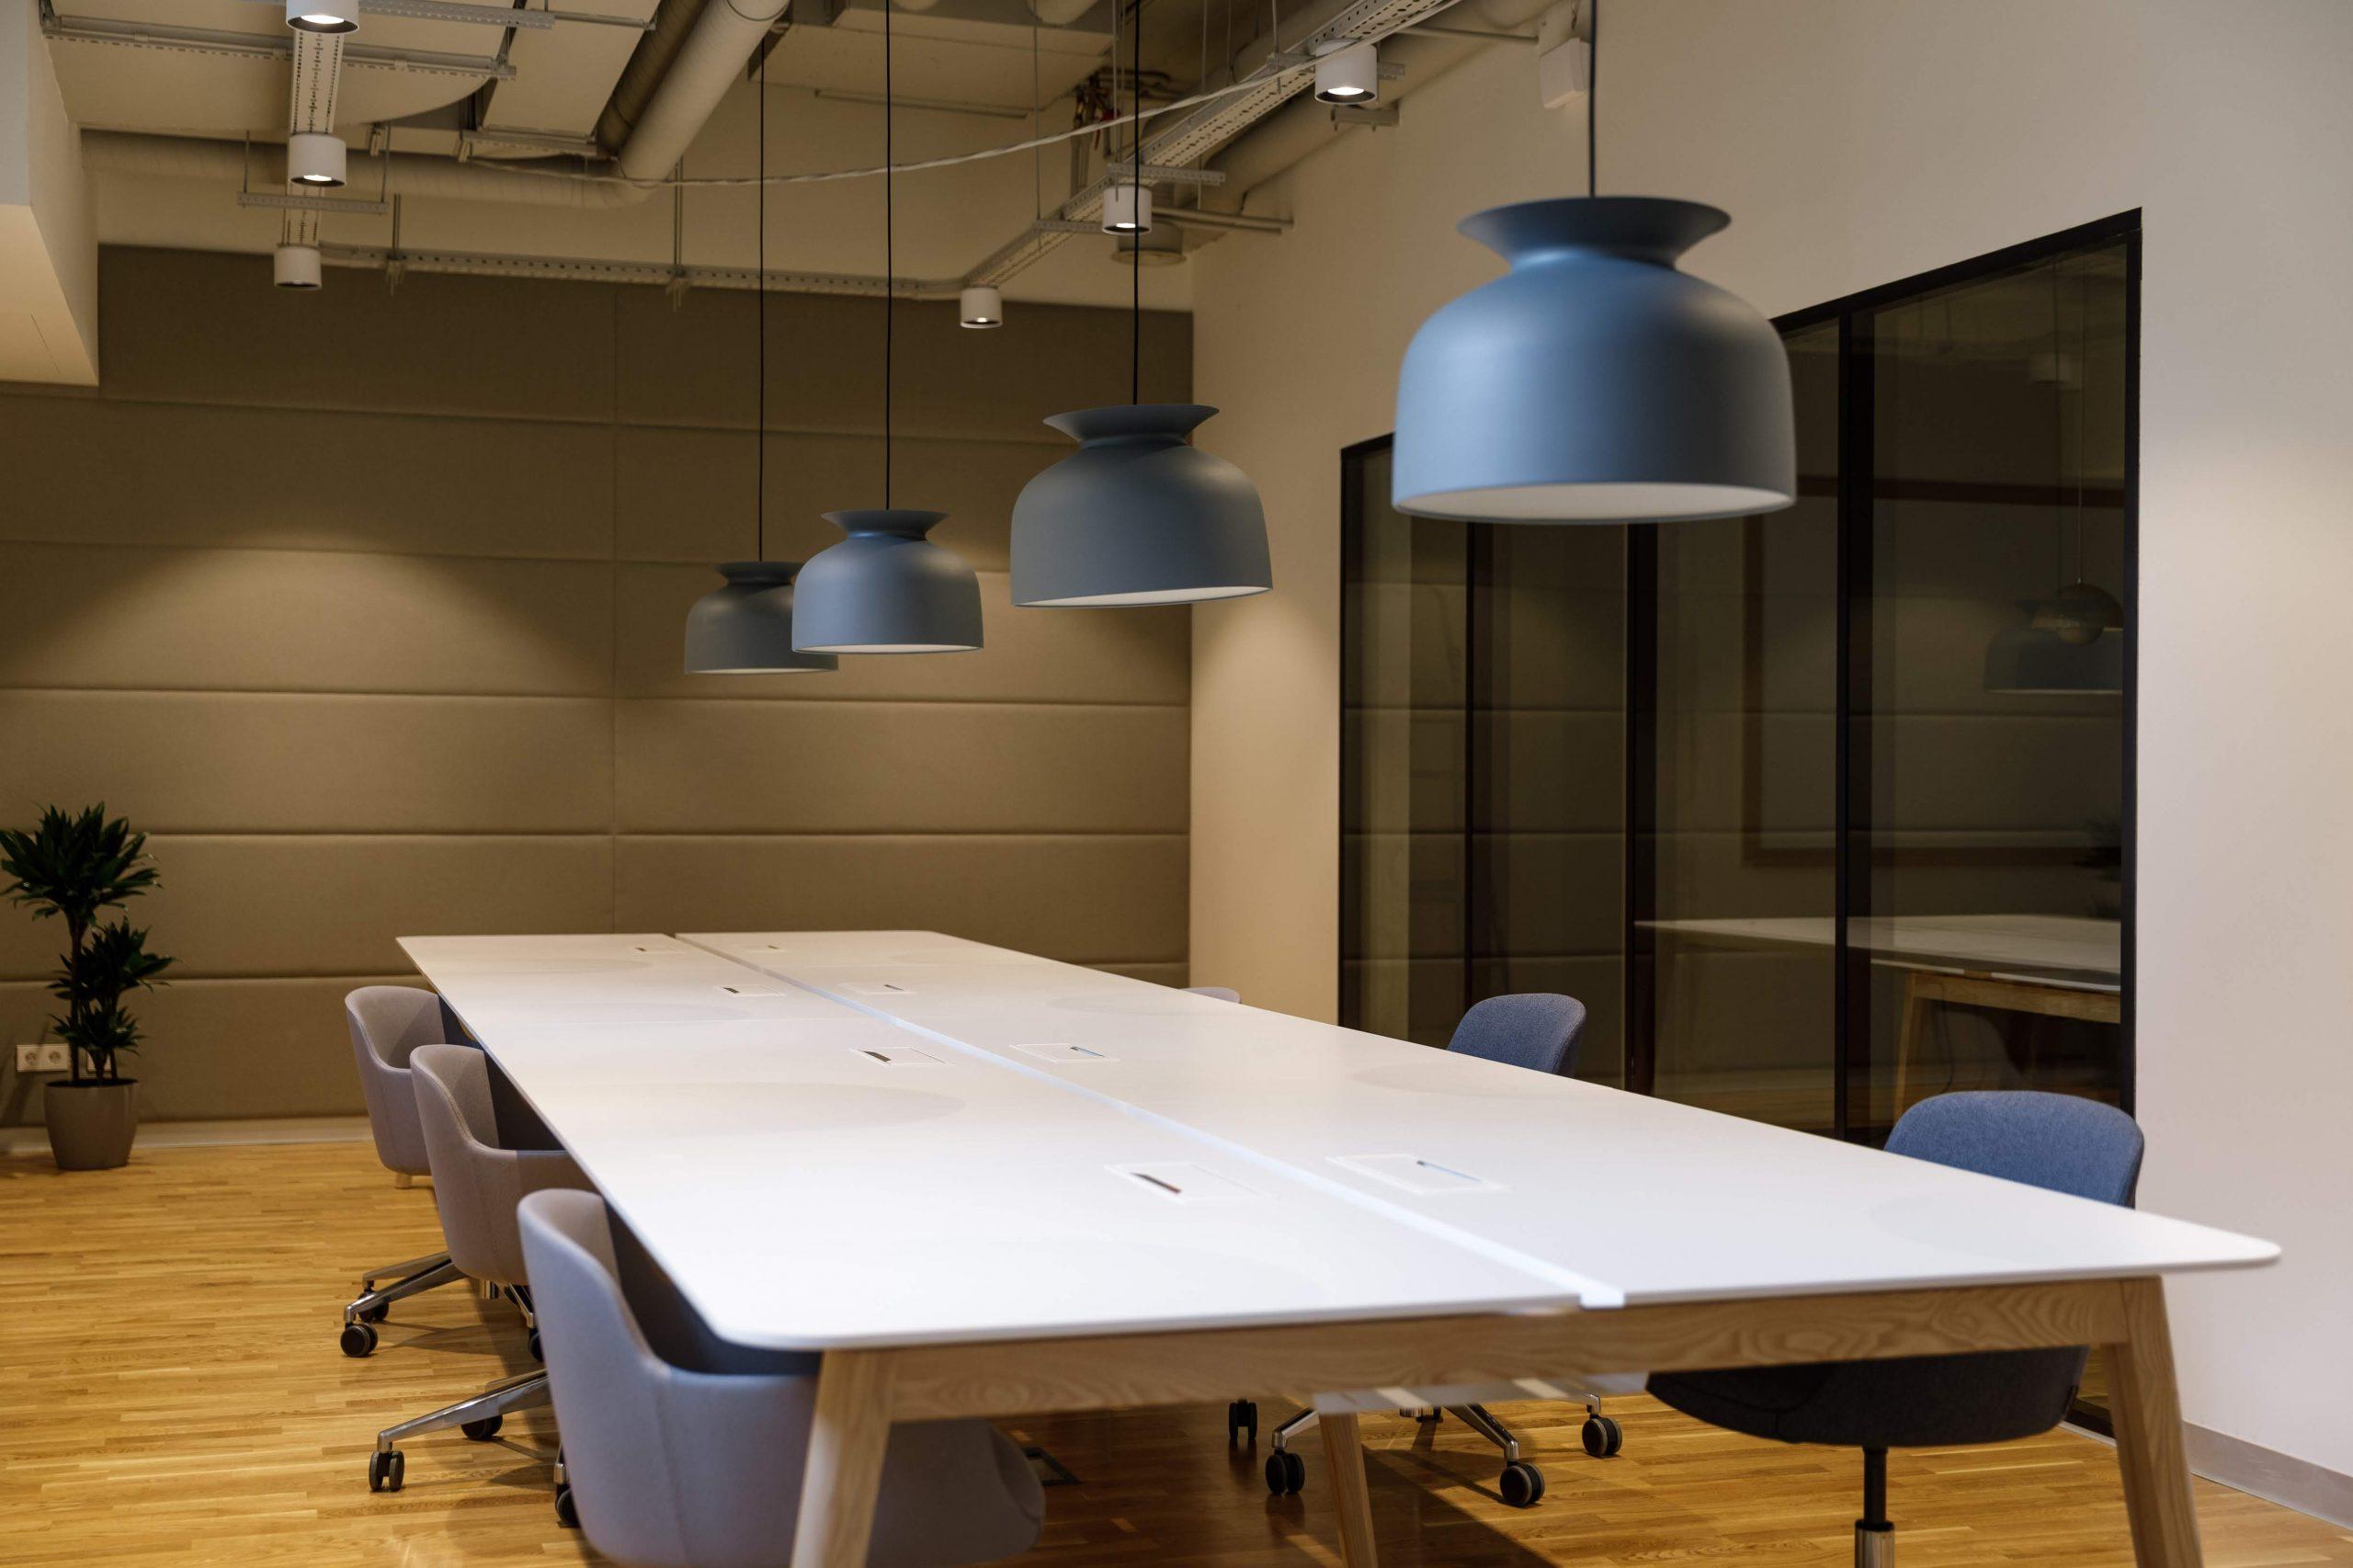 Konferenční místnost s obdélníkovým stolem ve SPACES v Kyjově